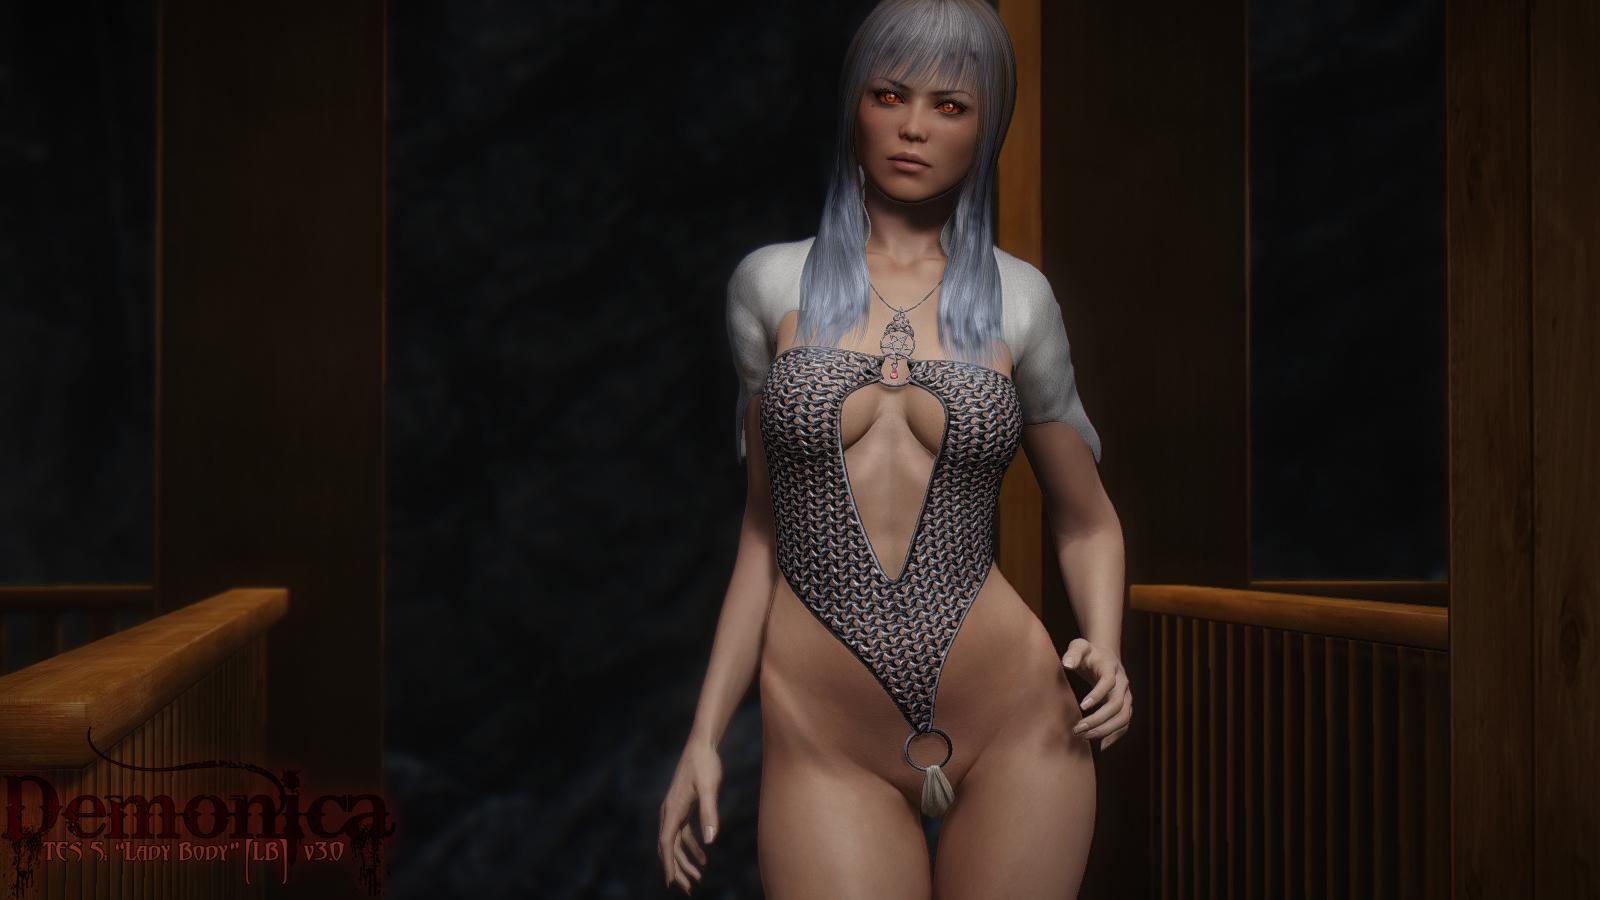 Набор сексуальной брони и одежды в скайриме